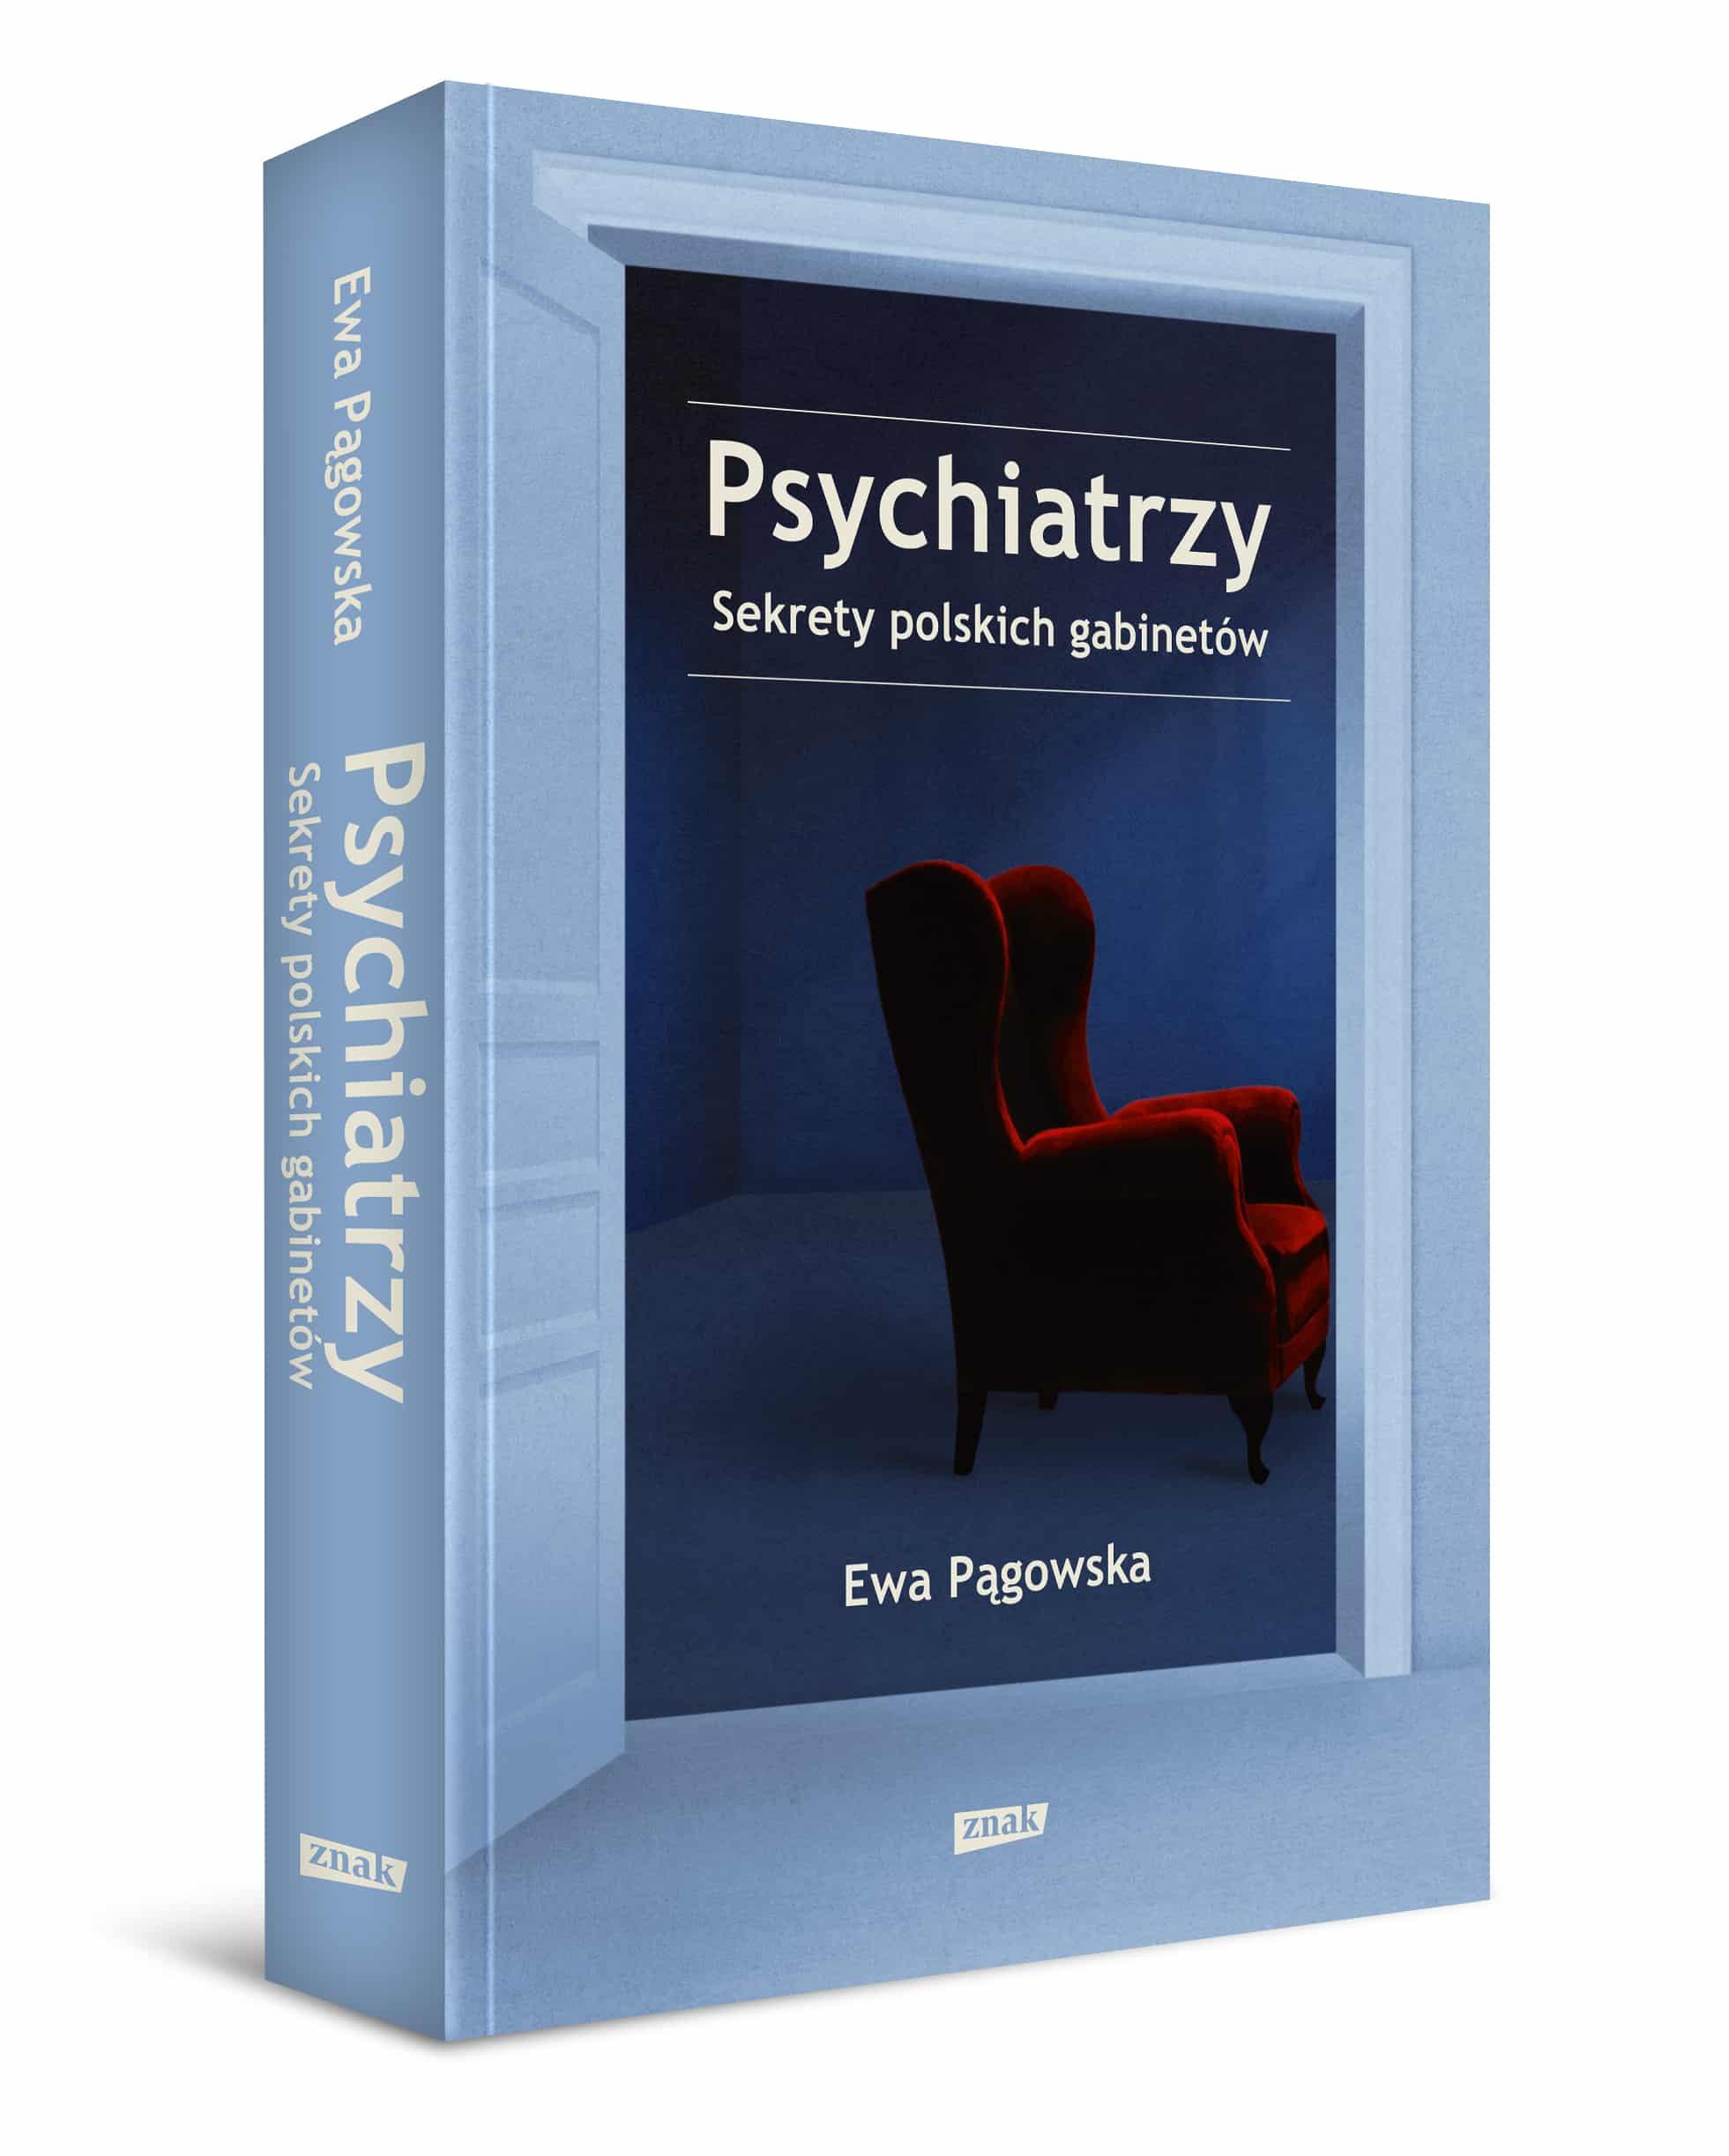 Pagowska_Psychiatrzy